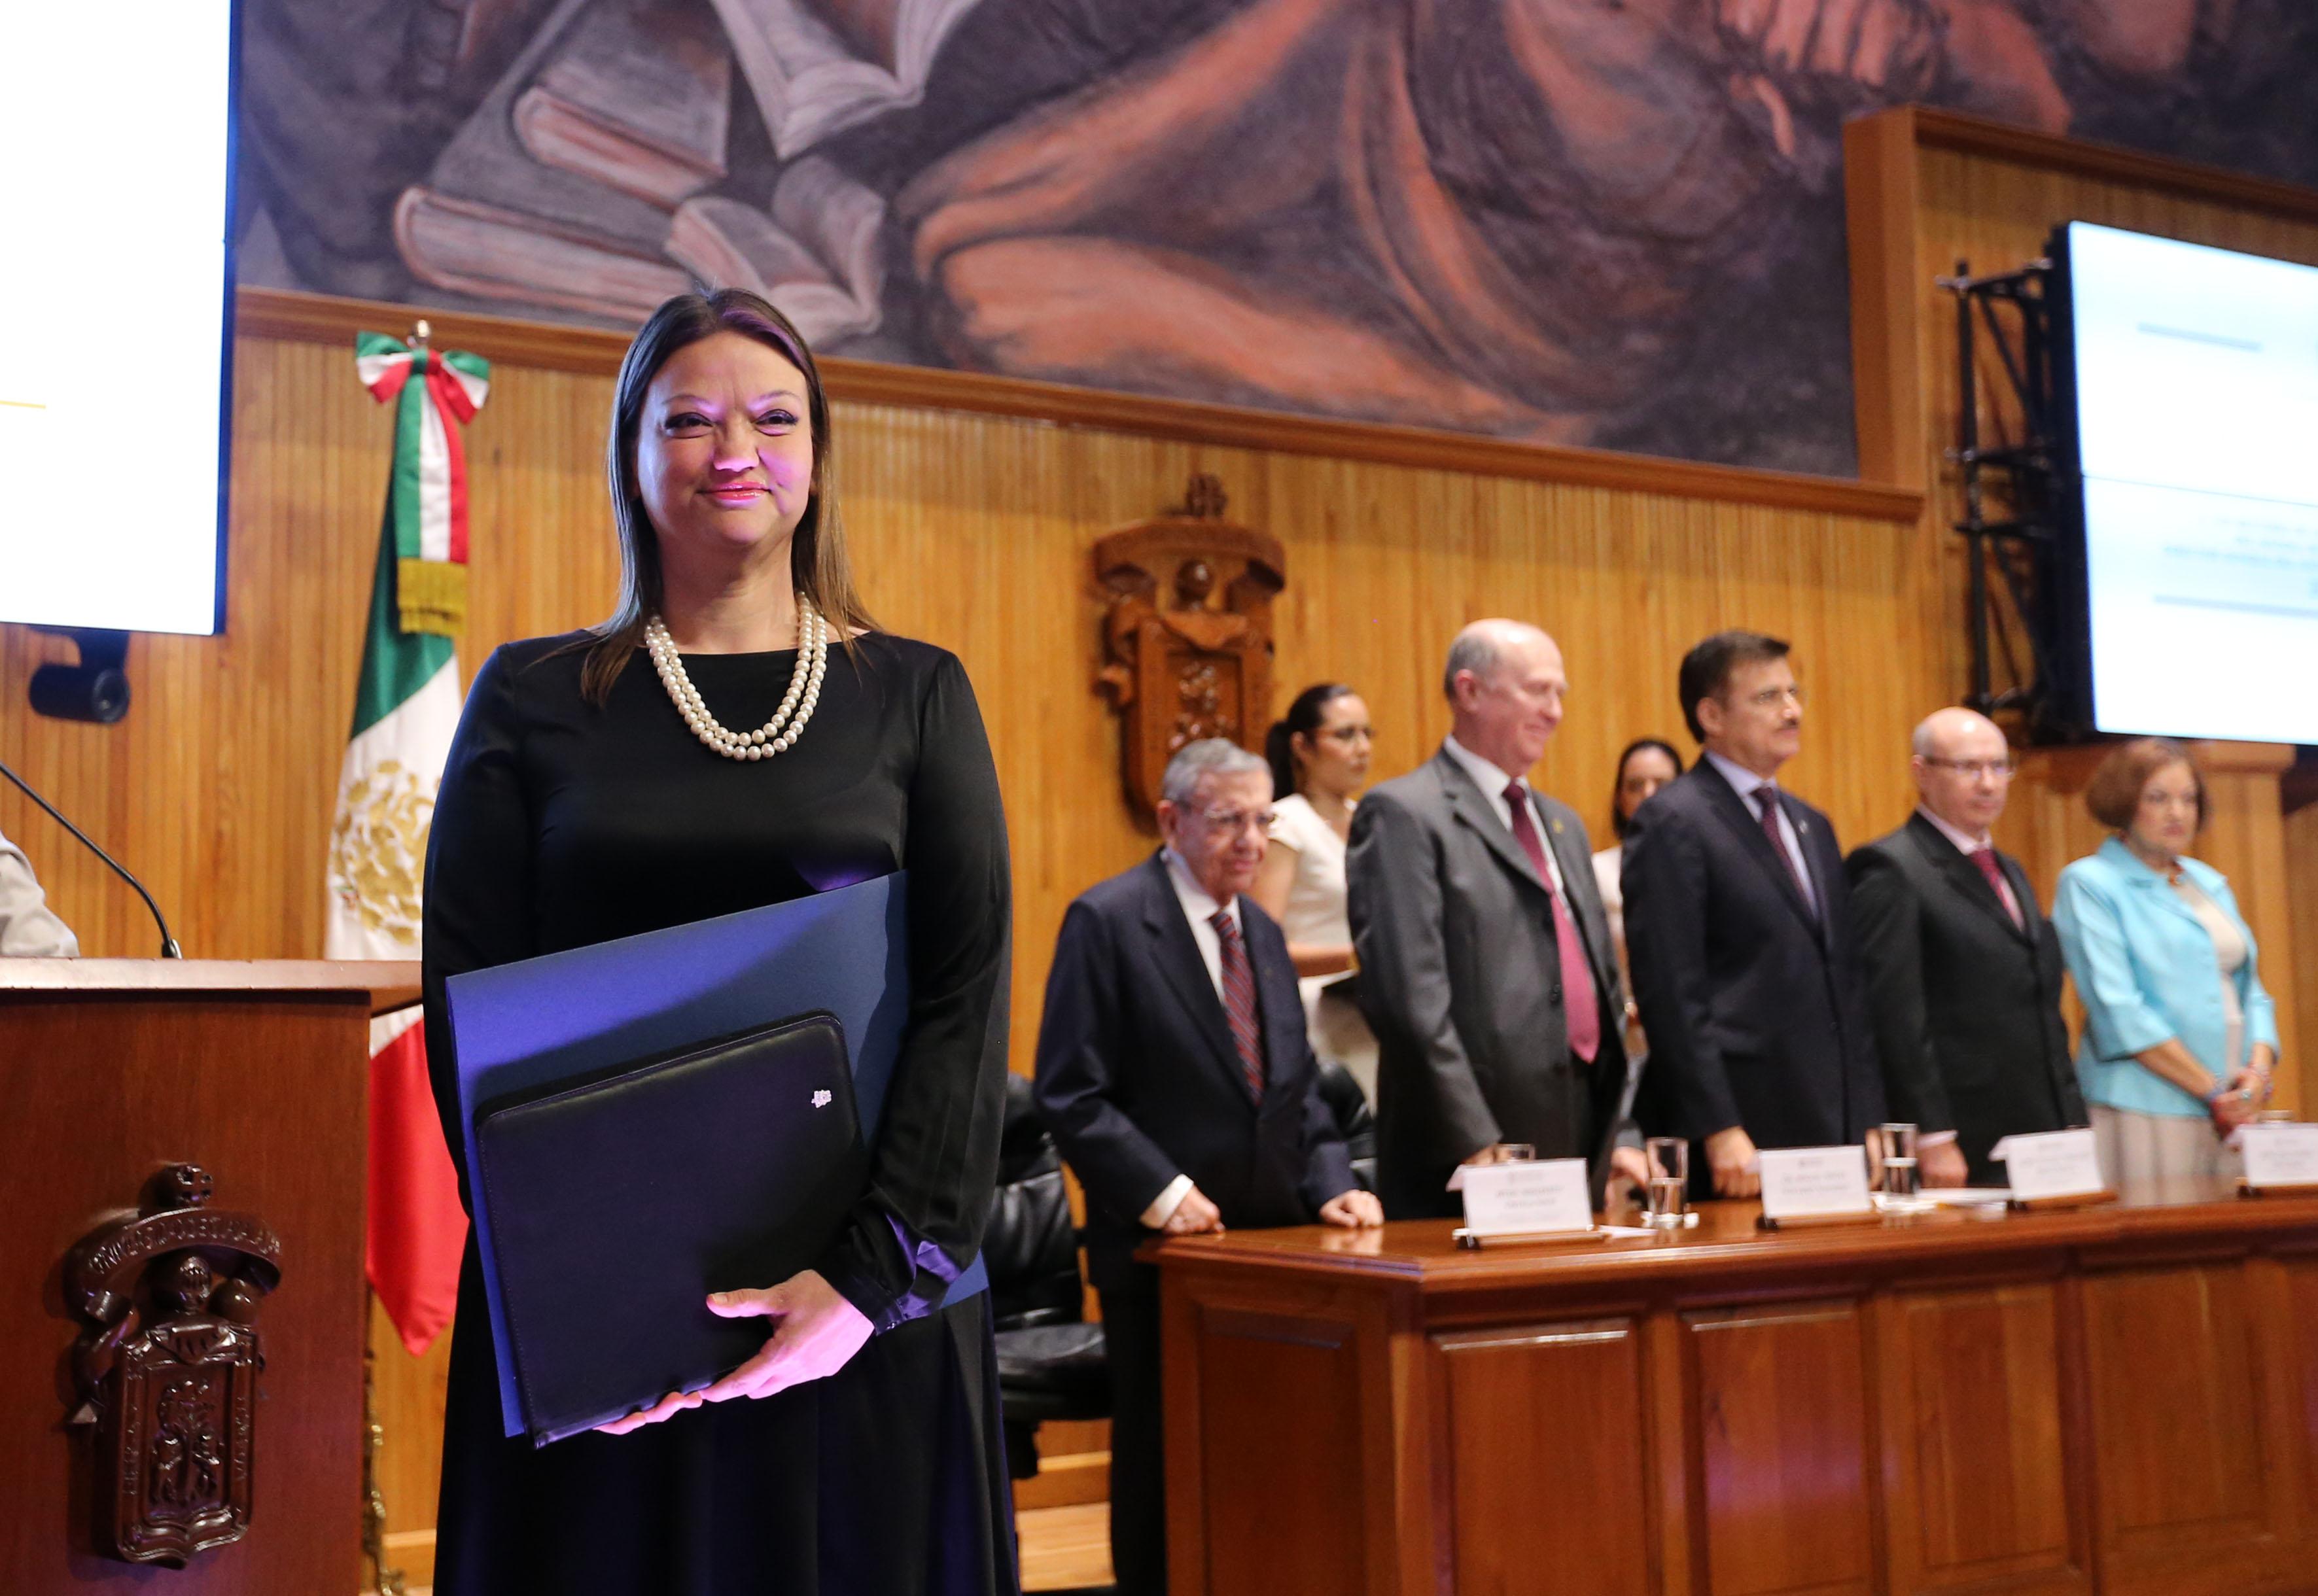 Maestra María Felícitas Parga Jiménez,  mostrando la carpeta de su  nombramiento, donde se le rectifico como Rectora del centro universitario del CUCiénega.